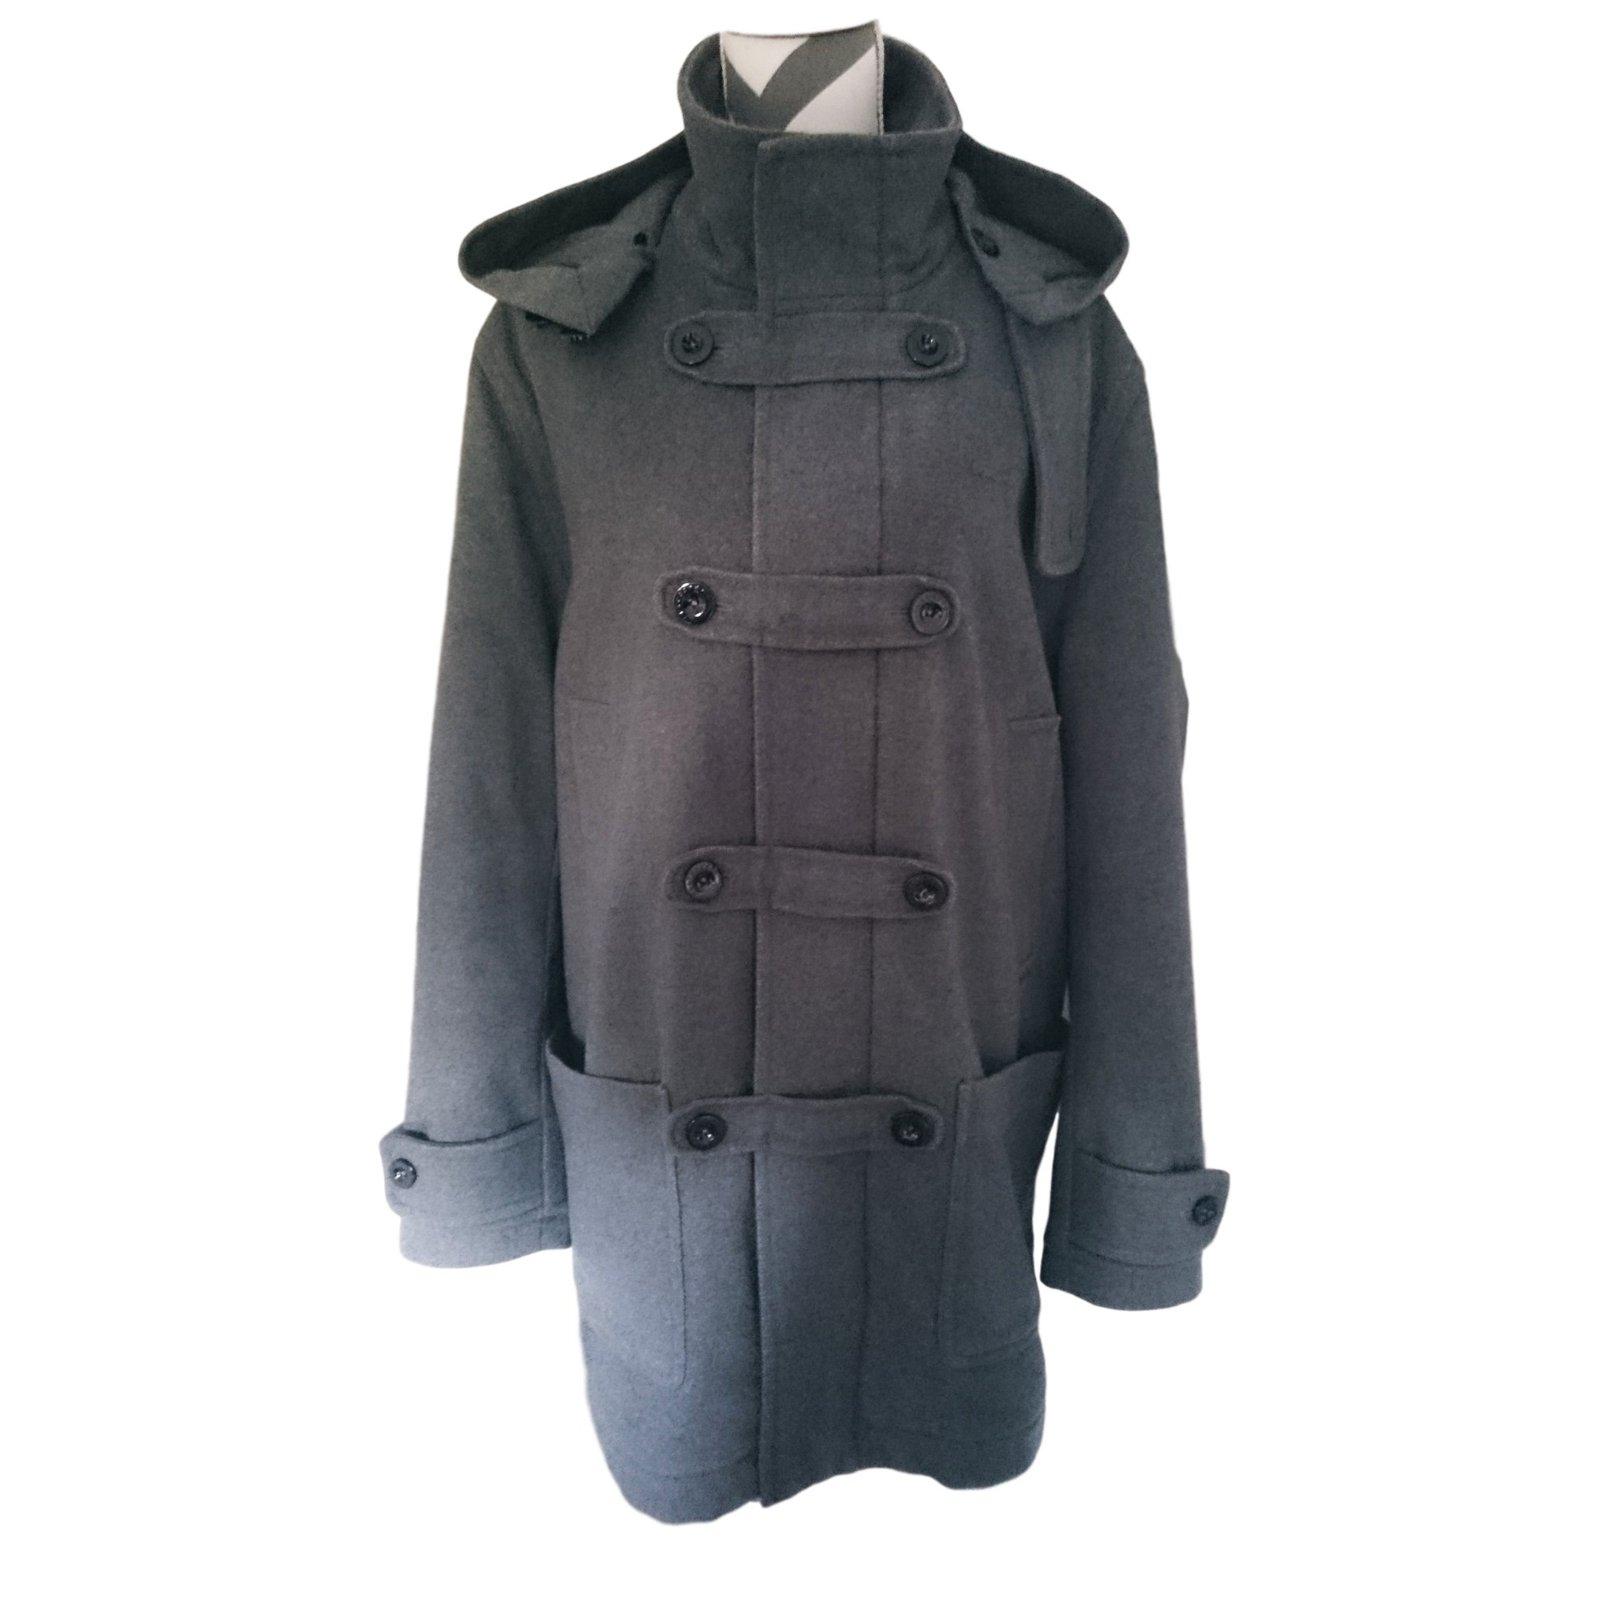 Manteaux Laine Duffle Lacoste Coat 26821 Manteau Ref Homme Gris Z6qTxZwO